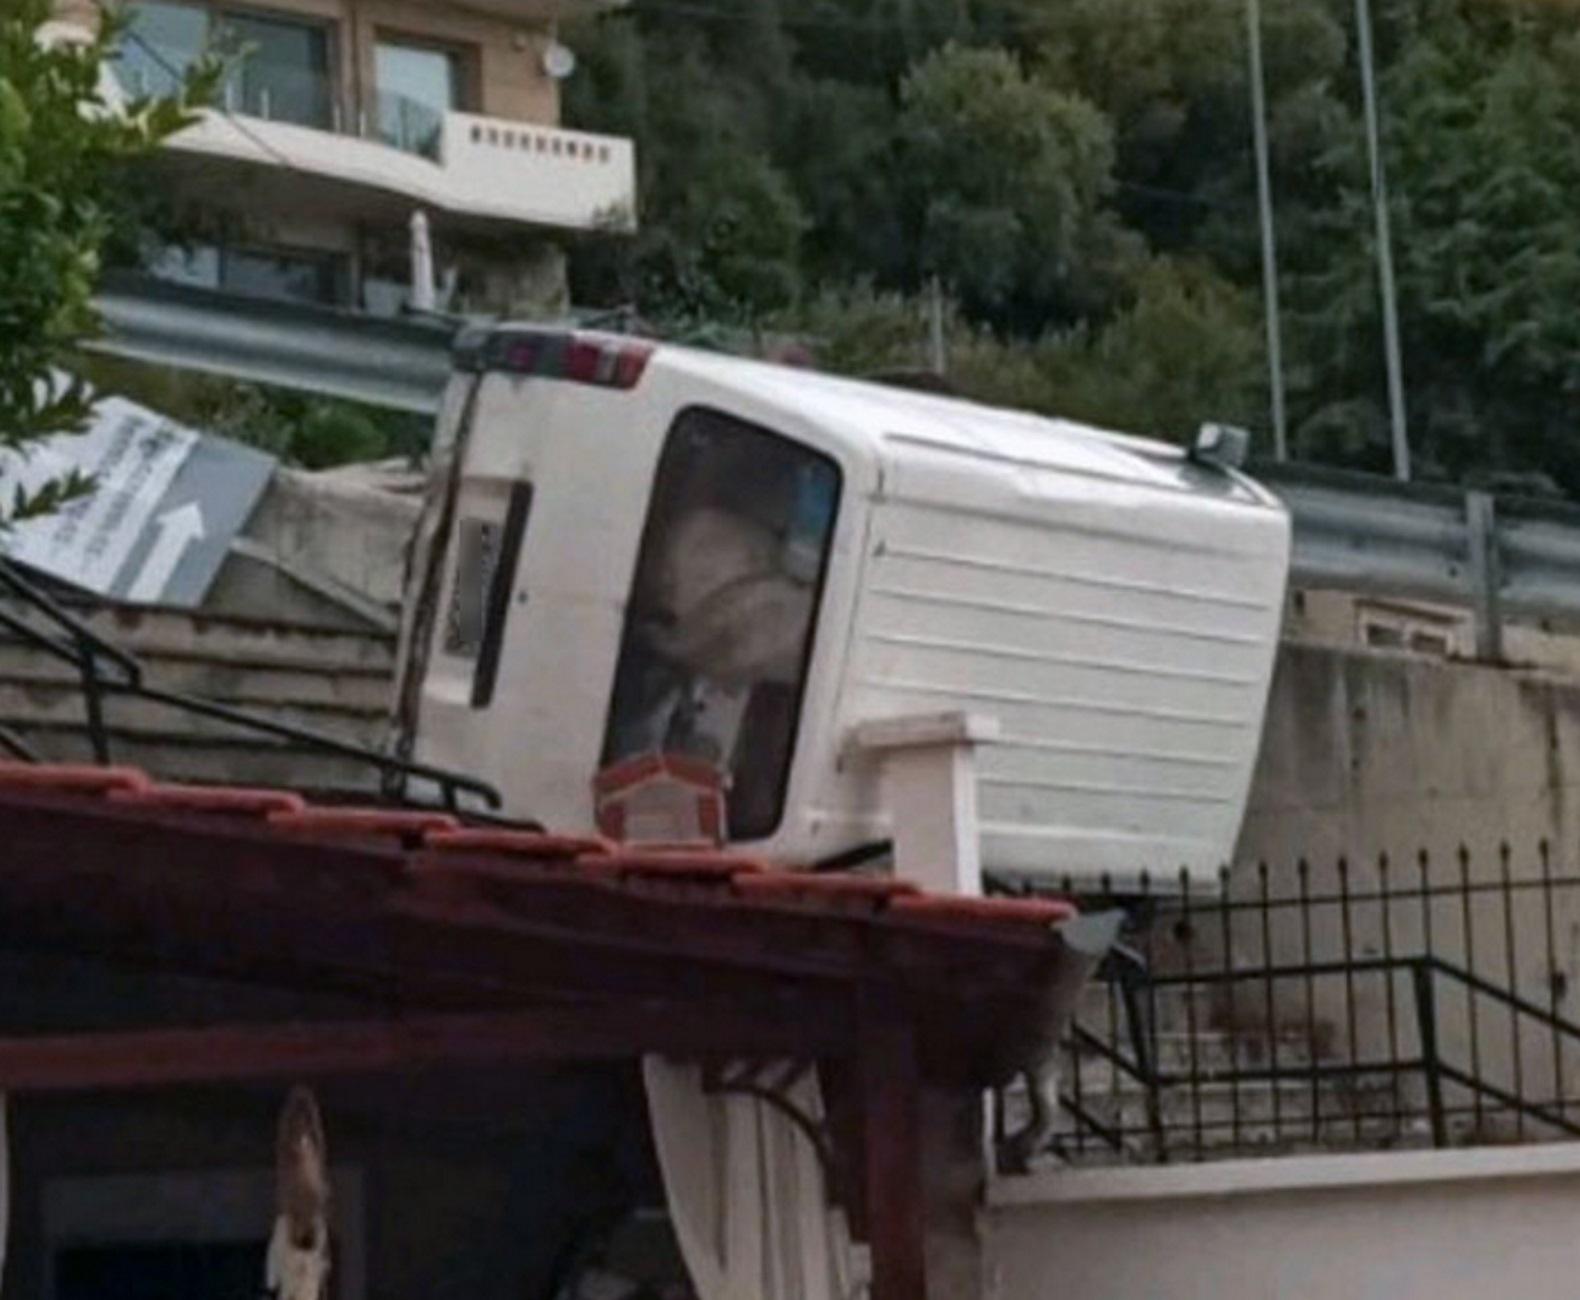 Καβάλα: Φορτηγάκι «προσγειώθηκε» στη στέγη σπιτιού σε ένα απίστευτο τροχαίο – Δείτε τις εικόνες